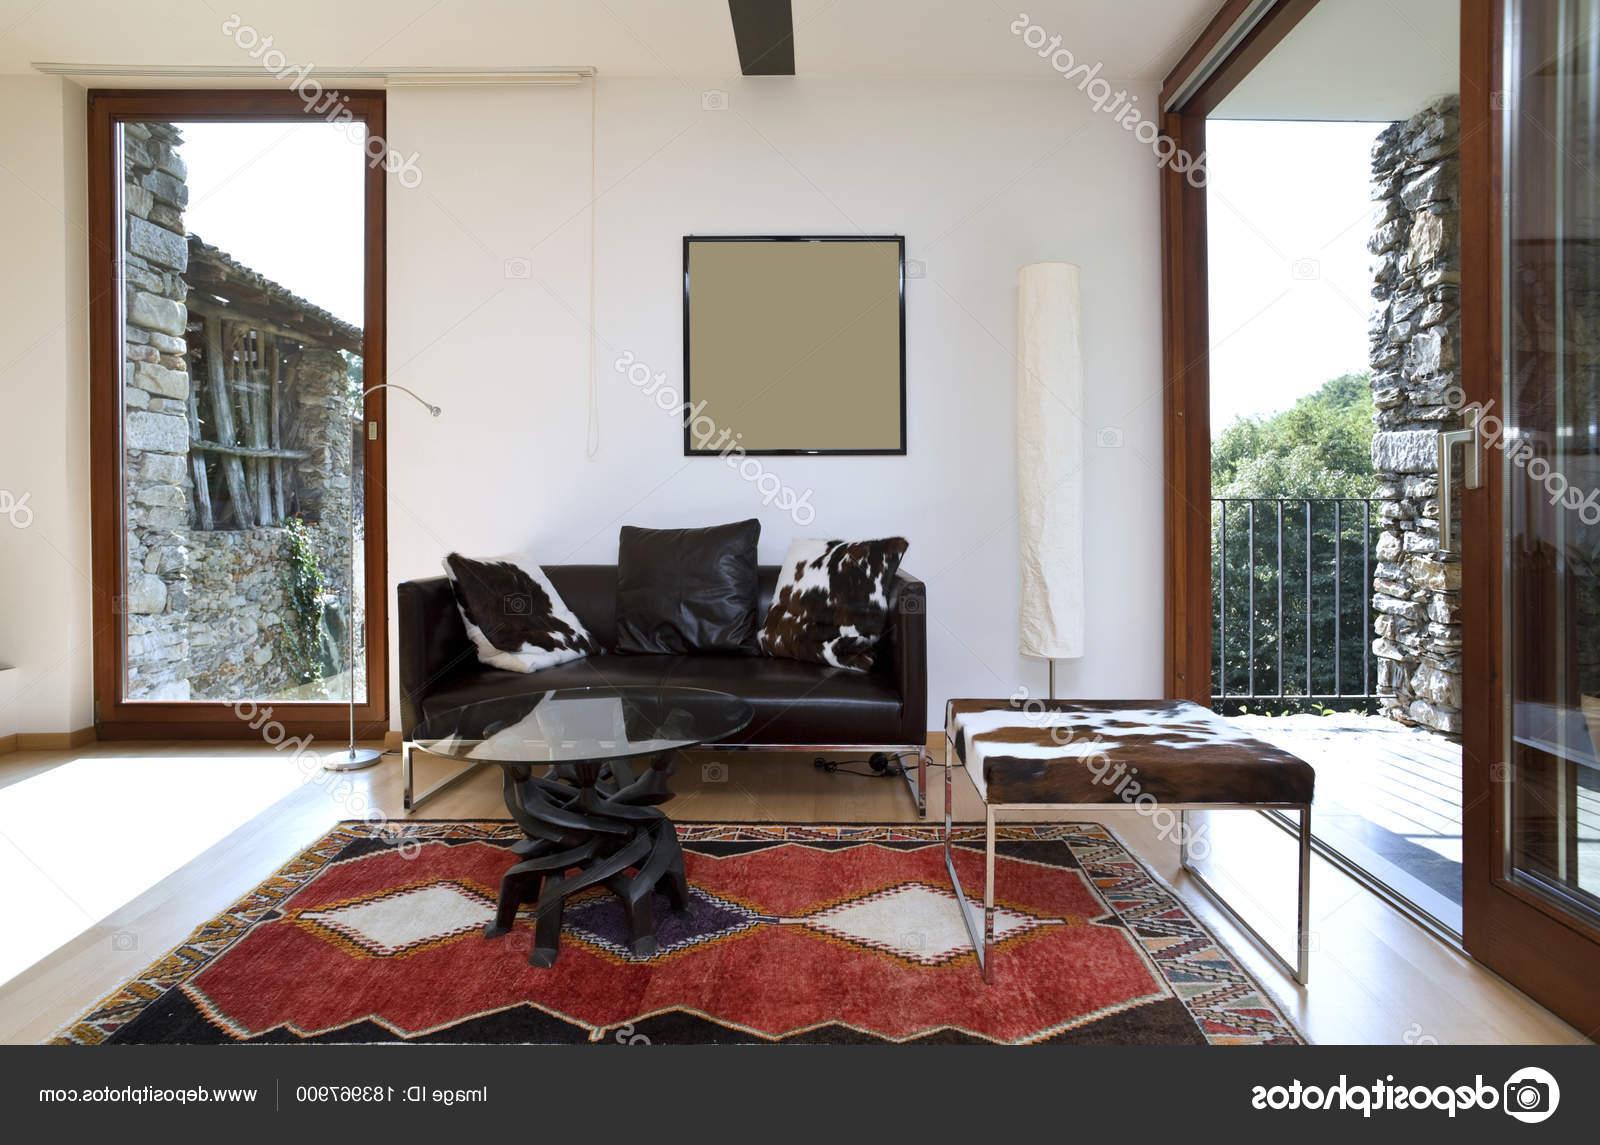 Muebles Etnicos Gdd0 Interior De Espacios Con Muebles à Tnicos Fotos De Stock Zveiger